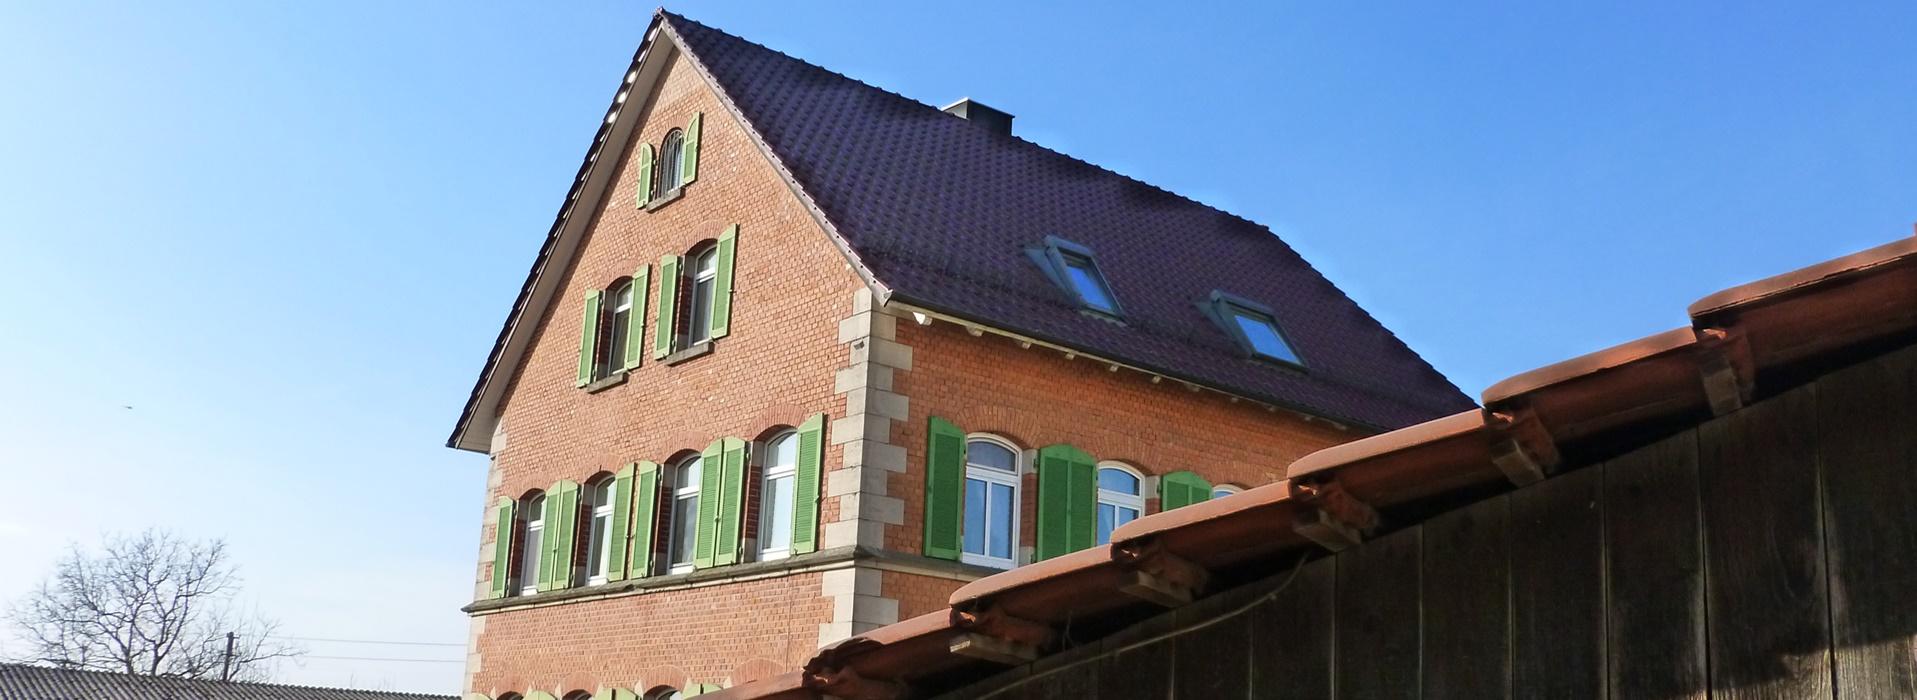 Wohnhaus Rems-Murr-Schwein Rainer, Silke, Andreas Mueller